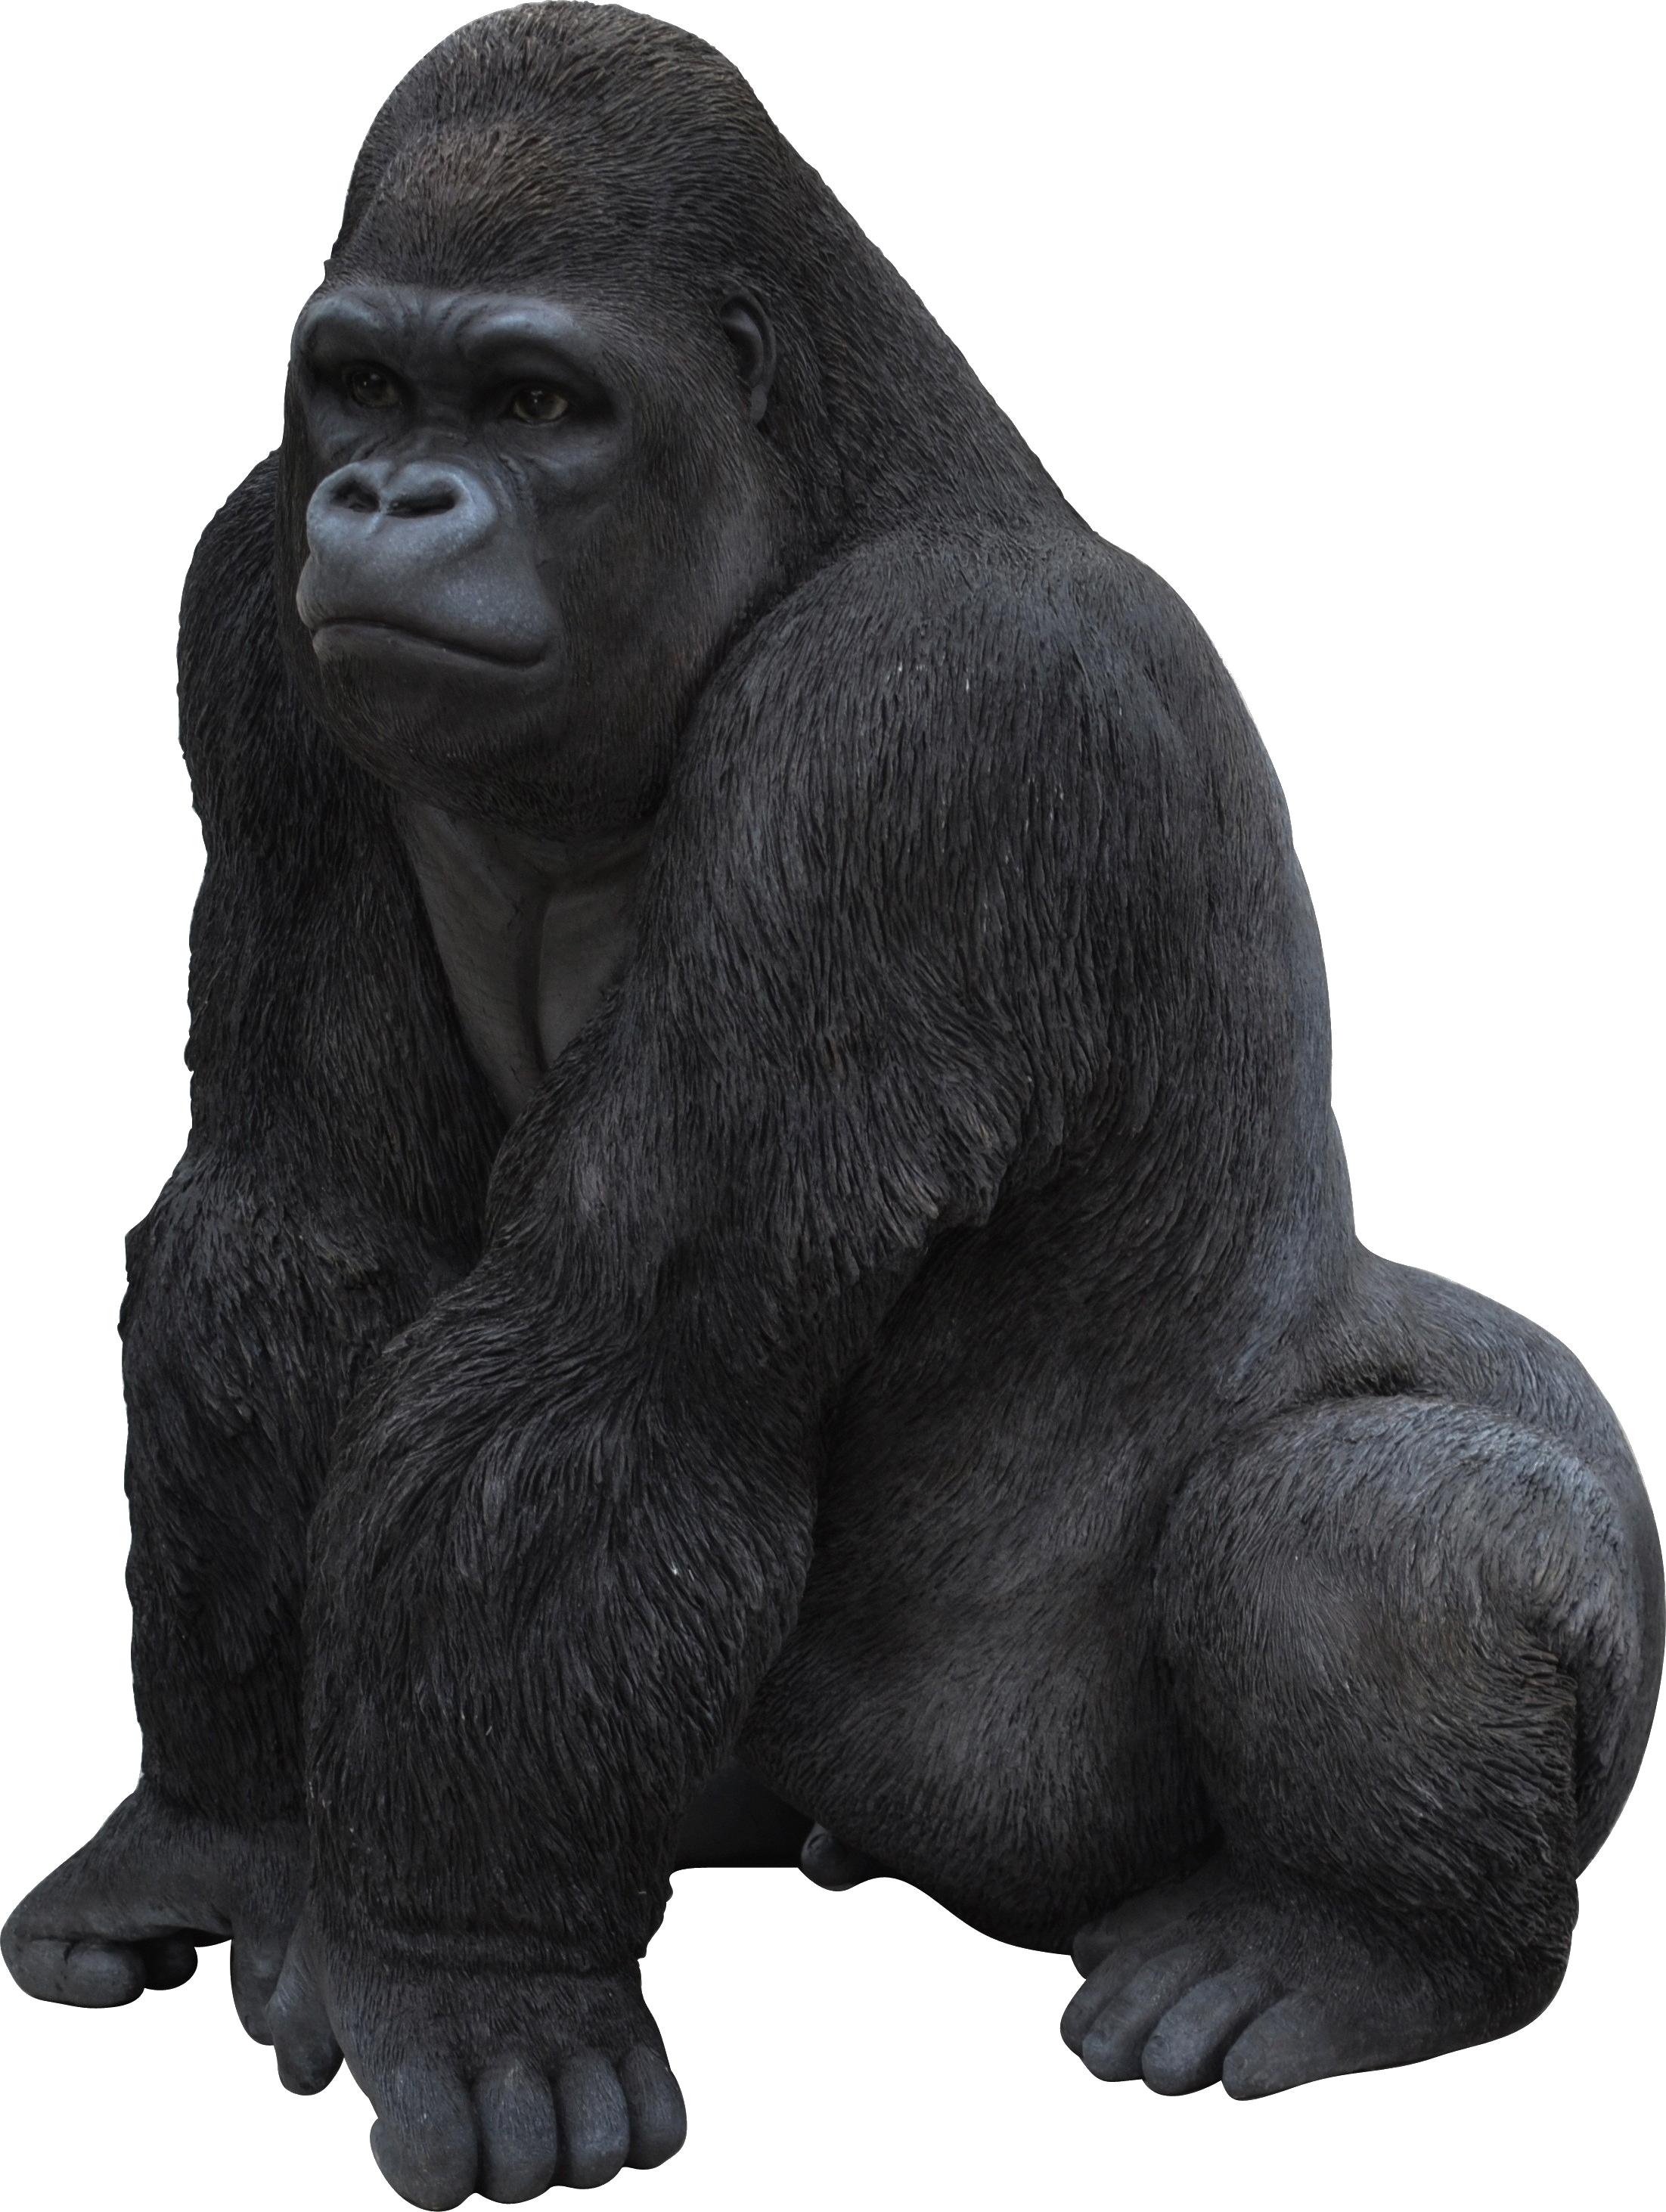 Gorilla PNG - Free Gorilla PNG